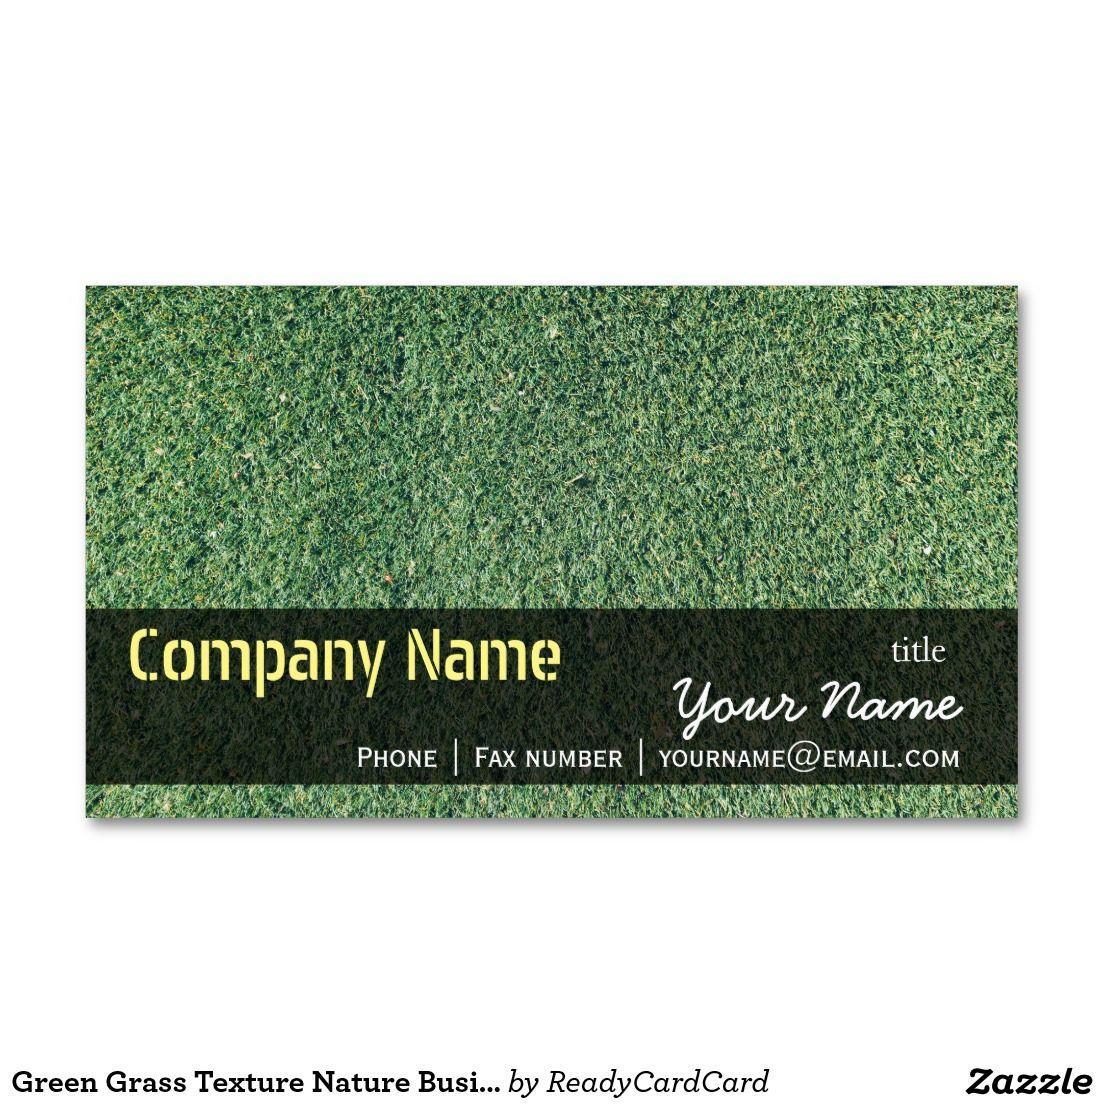 Green Grass Texture Nature Business Card Templates   Green grass ...